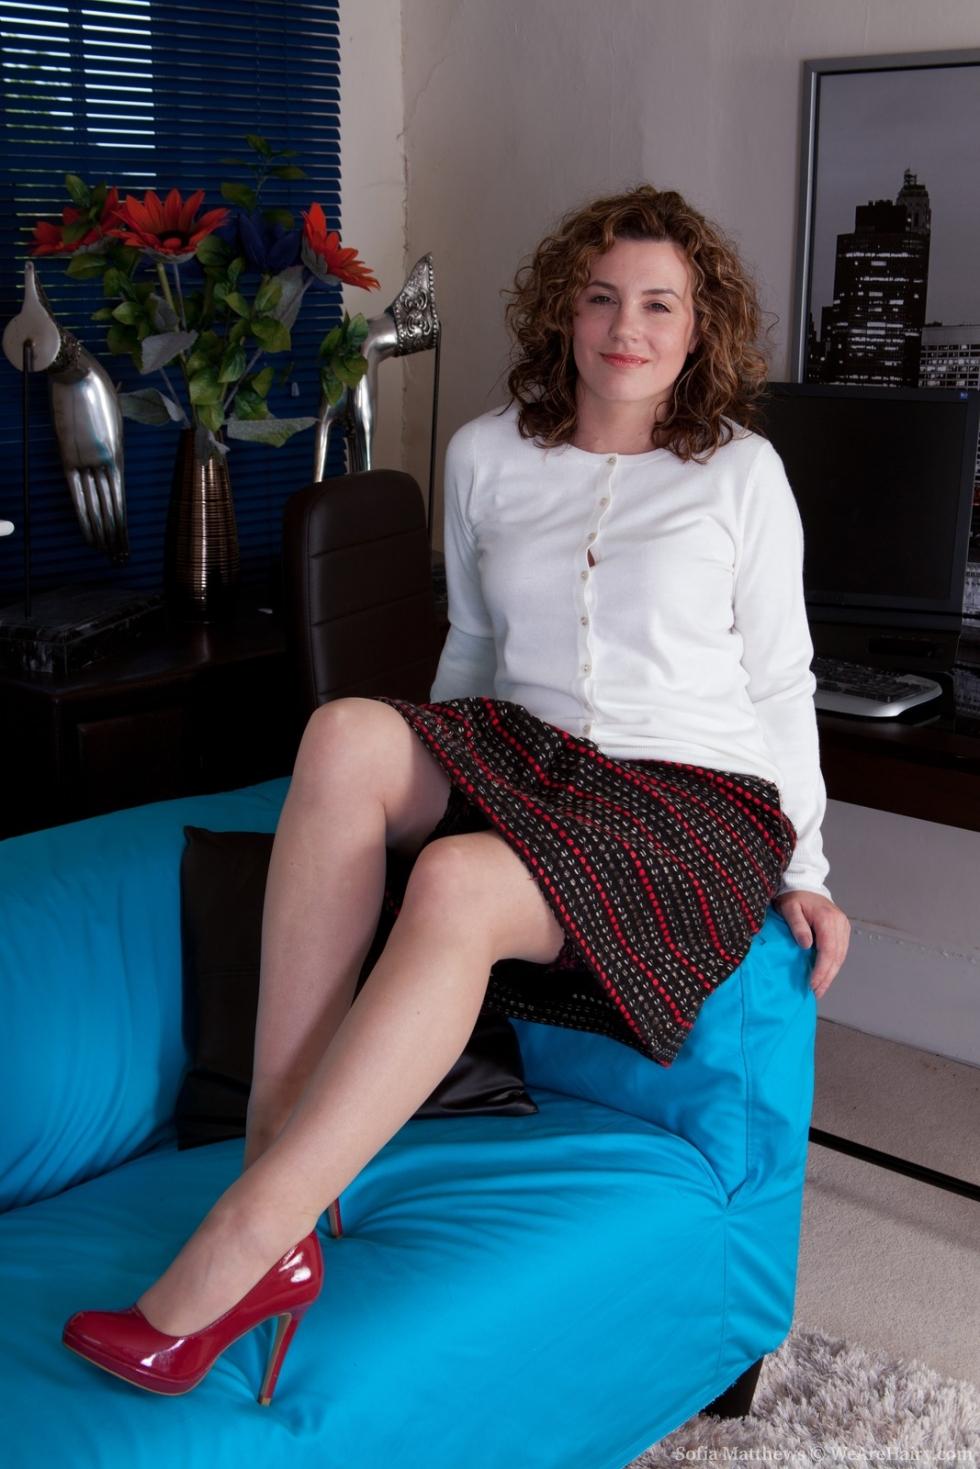 Krisztina sereny nude